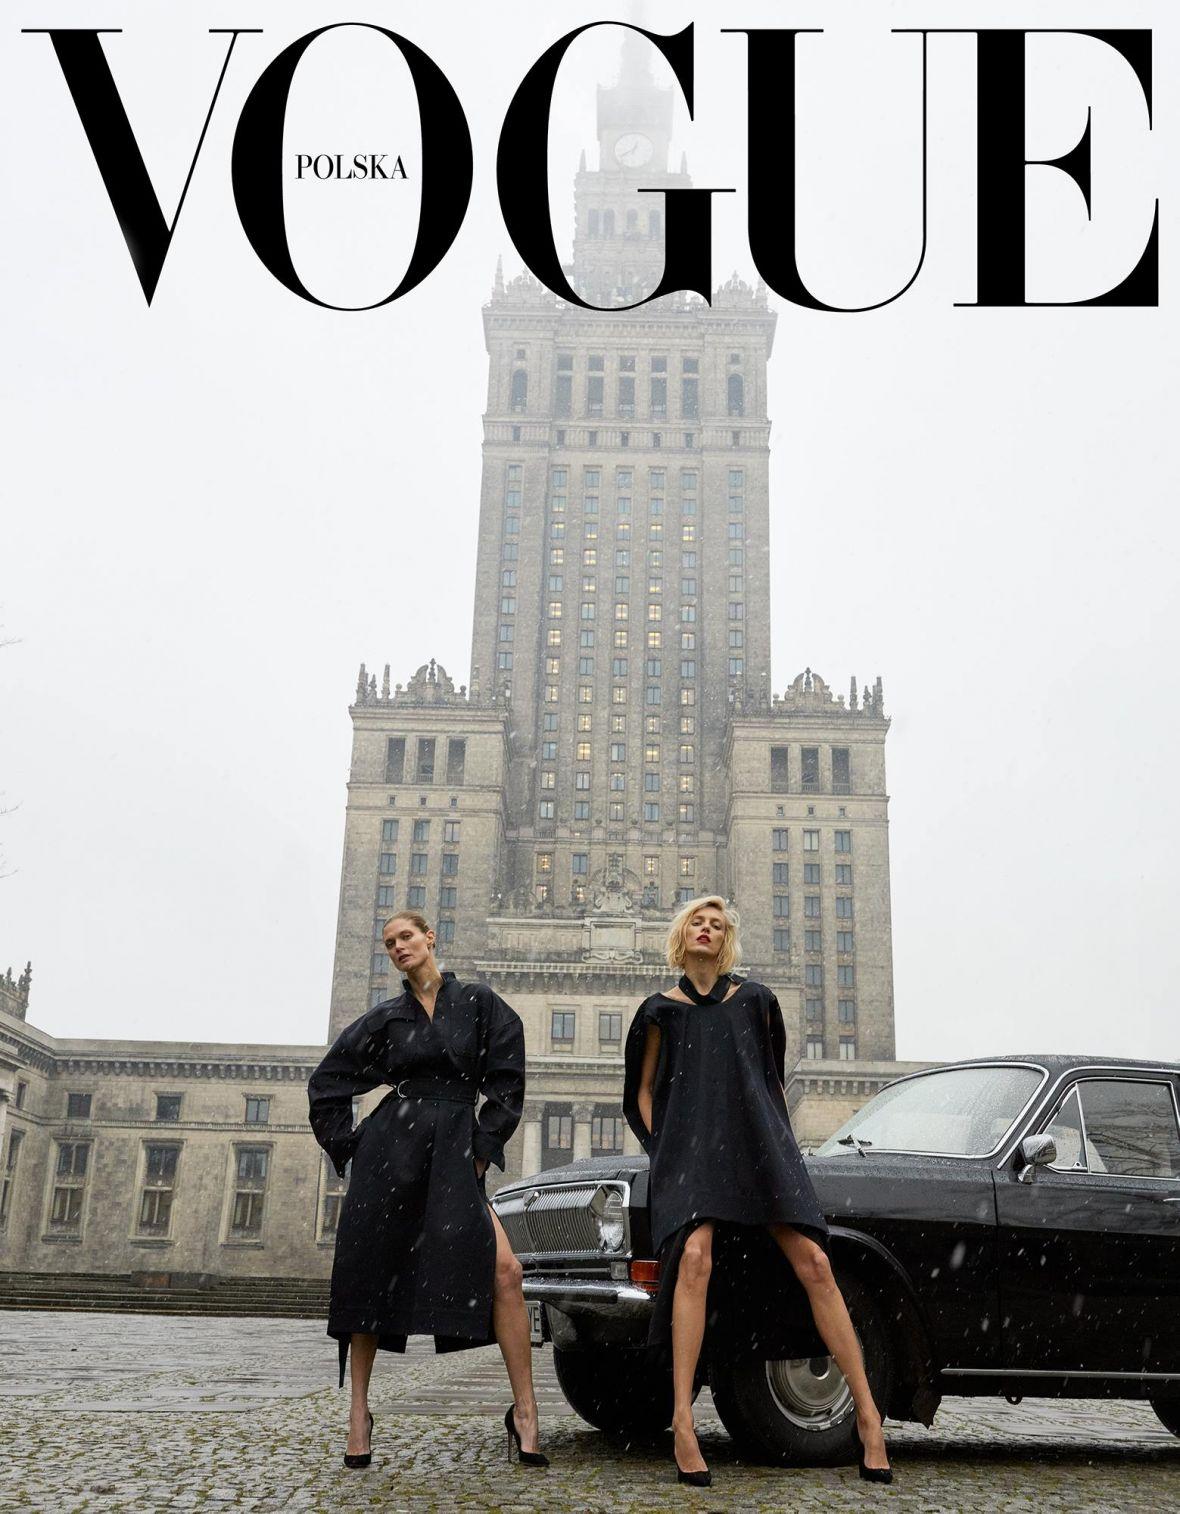 Pierwsza okładka Vogue Polska wygląda jak przypadkowe zdjęcie z Instagramu